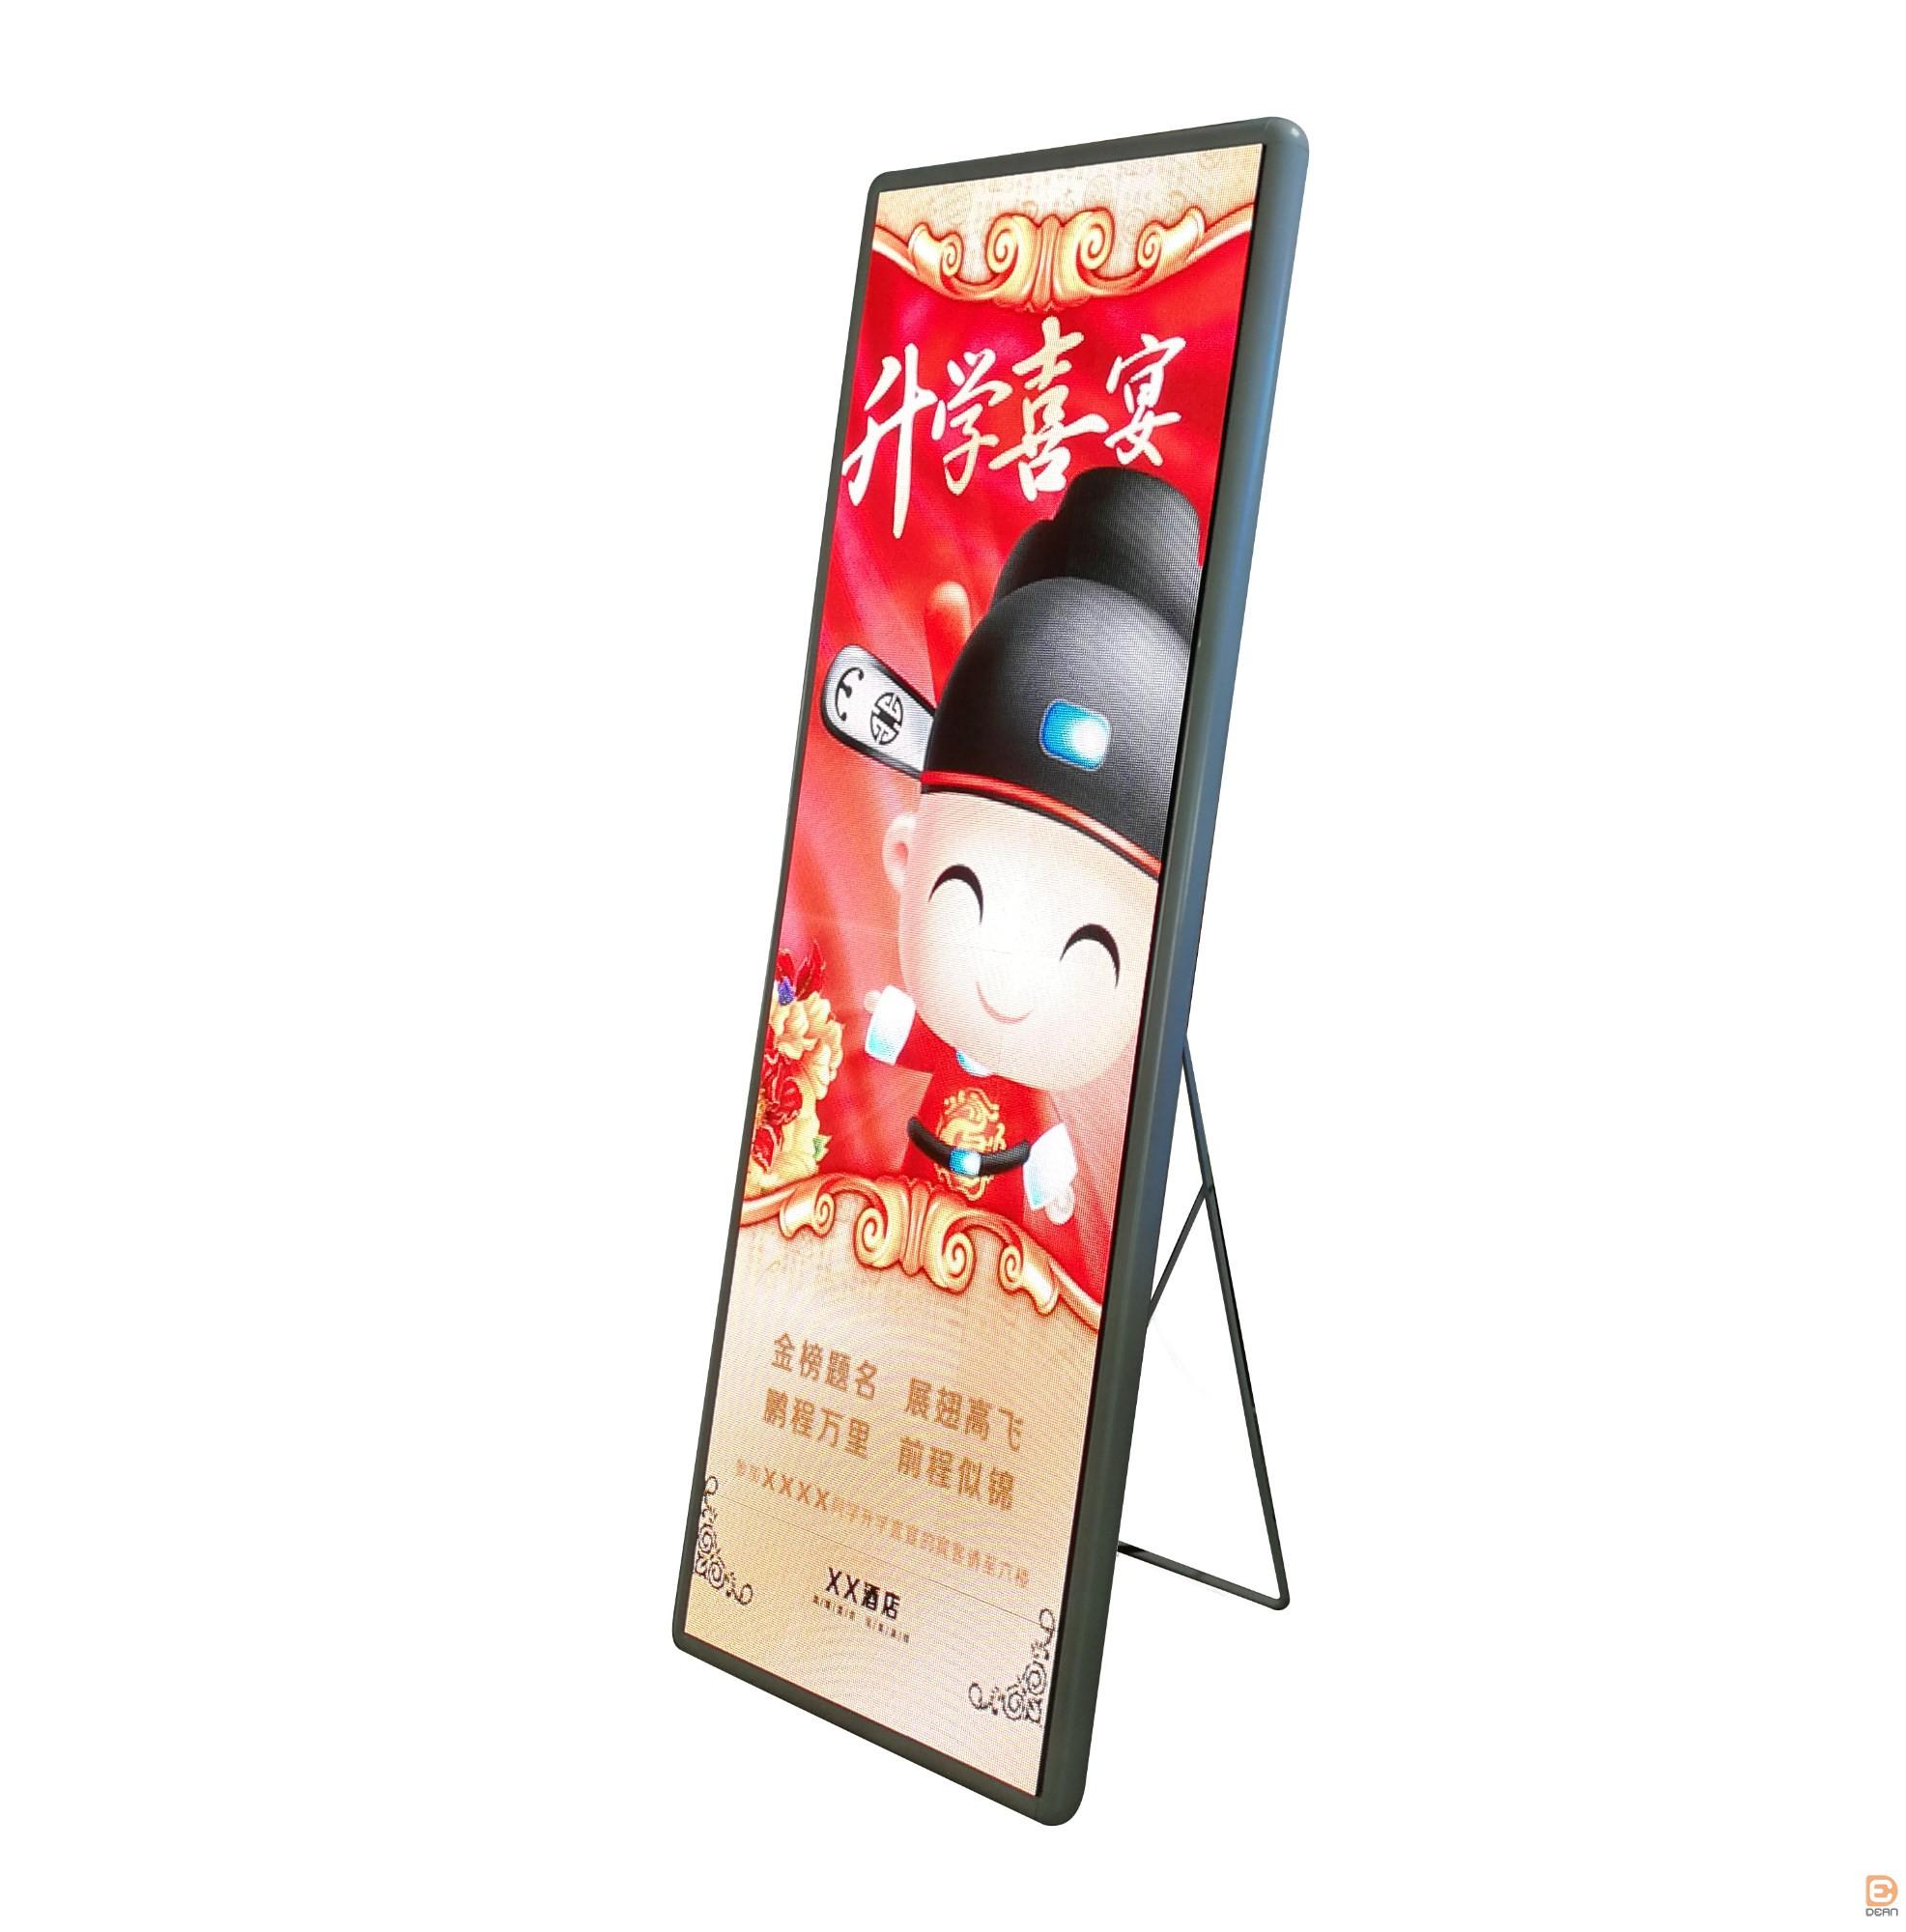 鼎恩网站图片